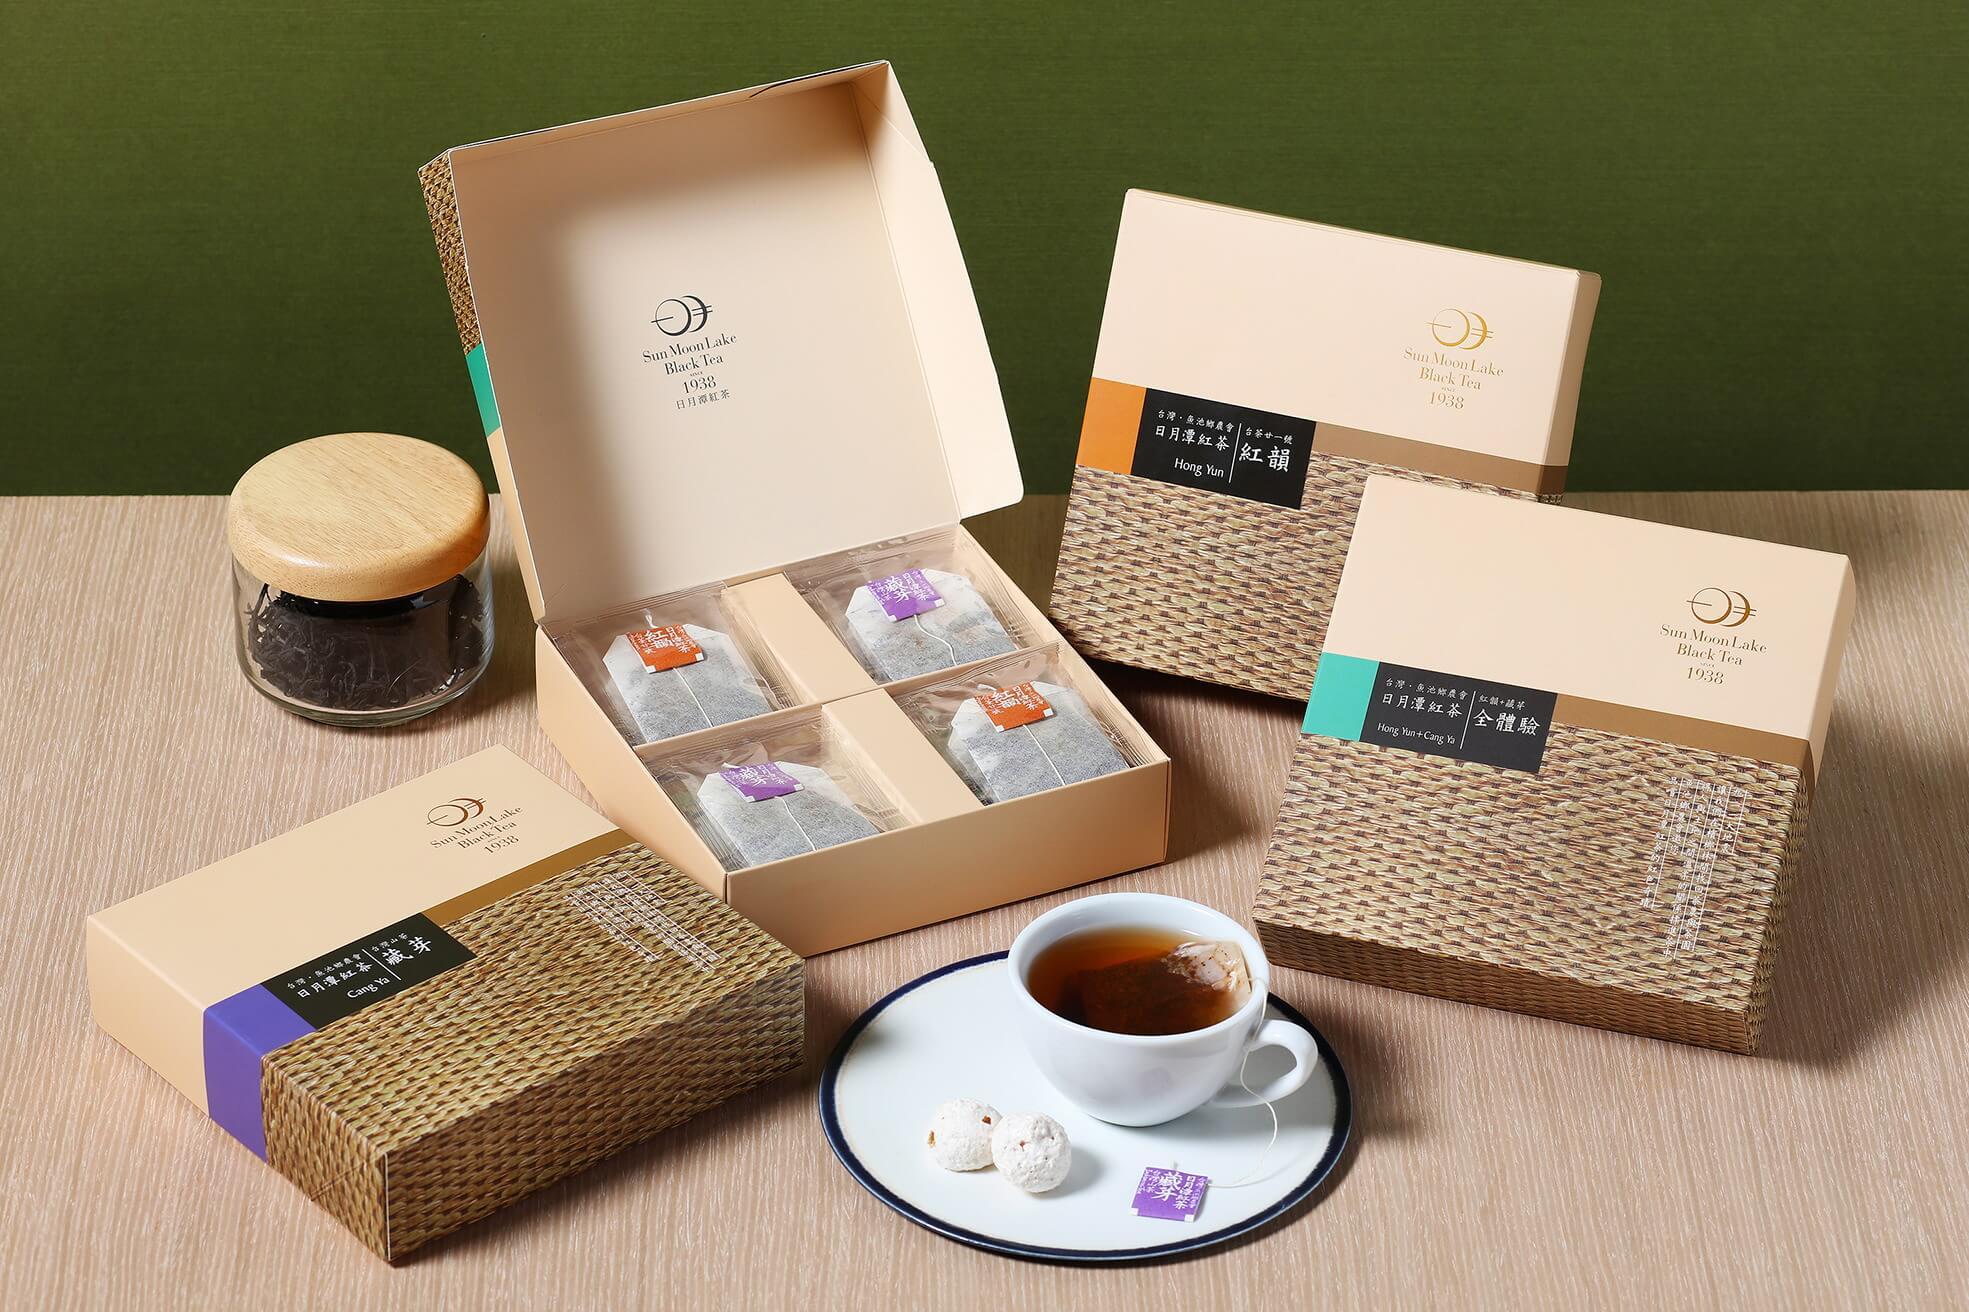 日月潭紅茶 - 藏芽茶包(20入)